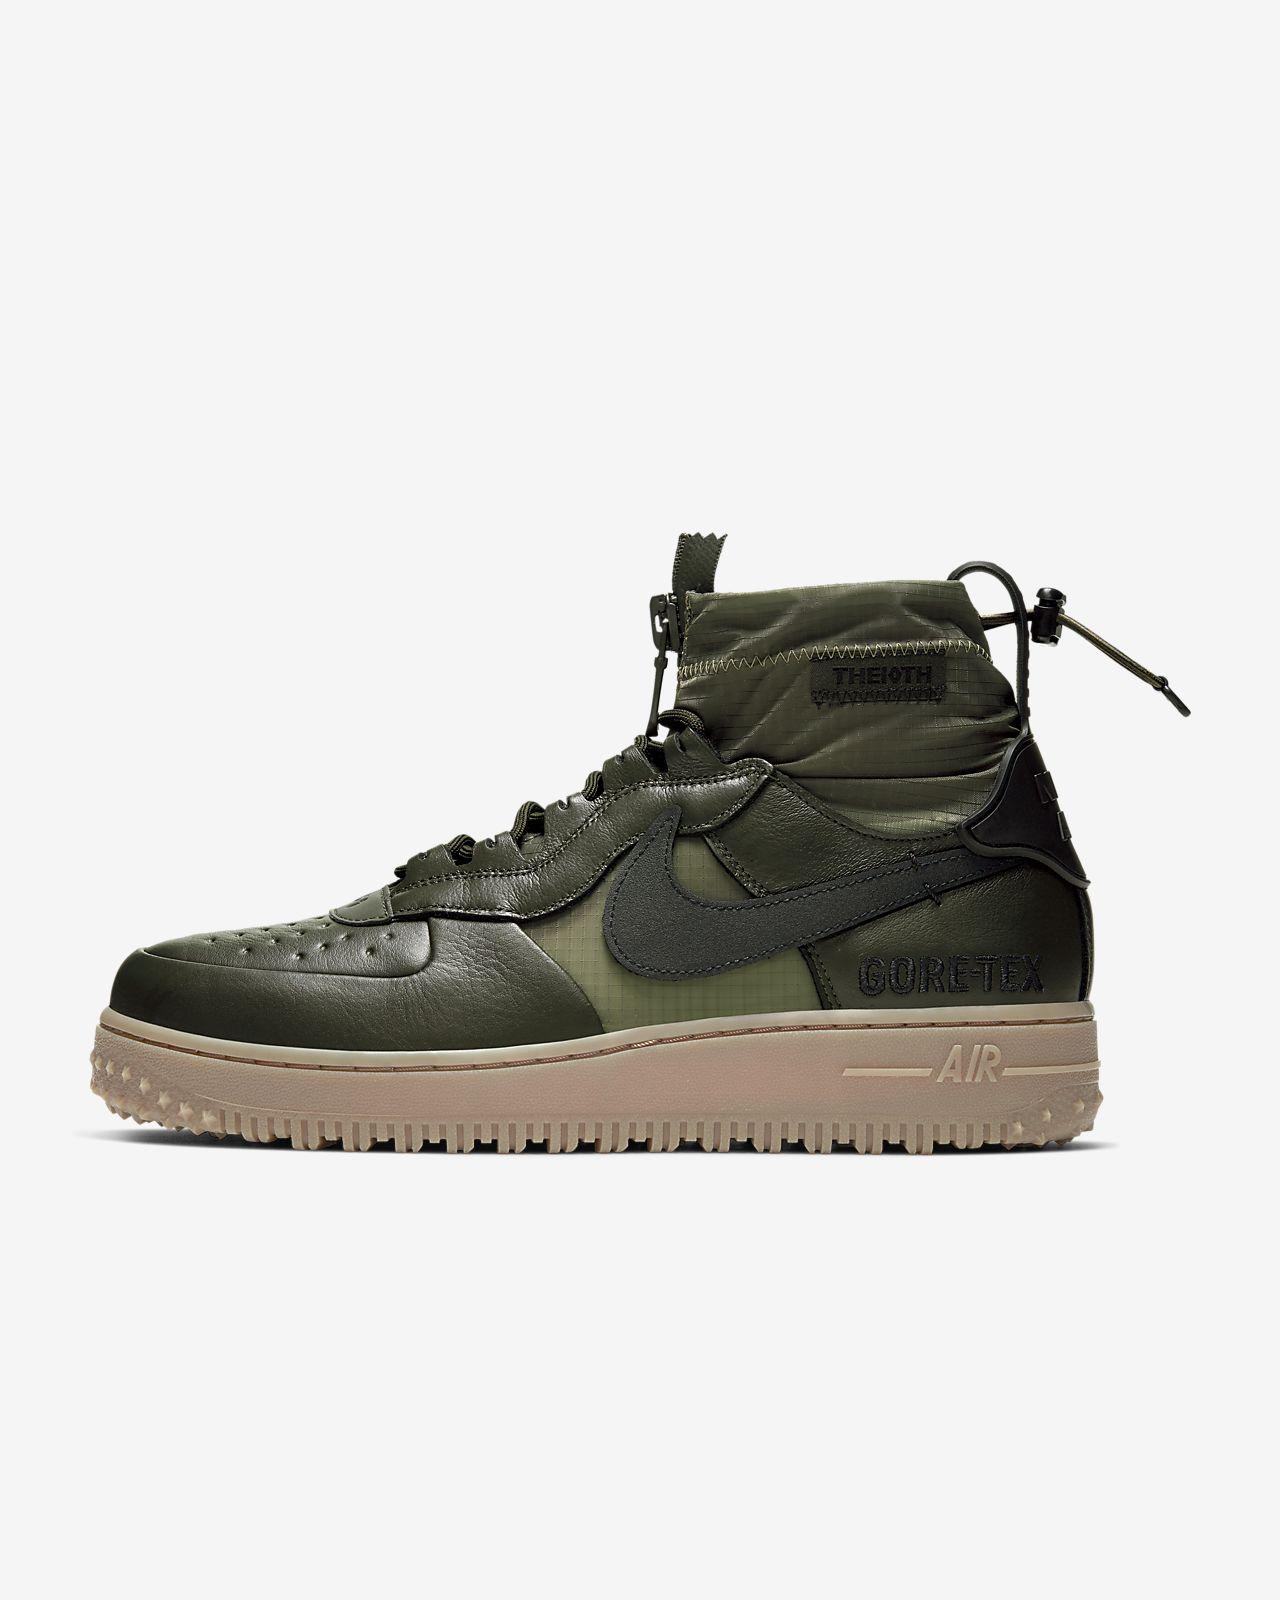 Nike Air Force 1 GORE-TEX-vinterstøvle